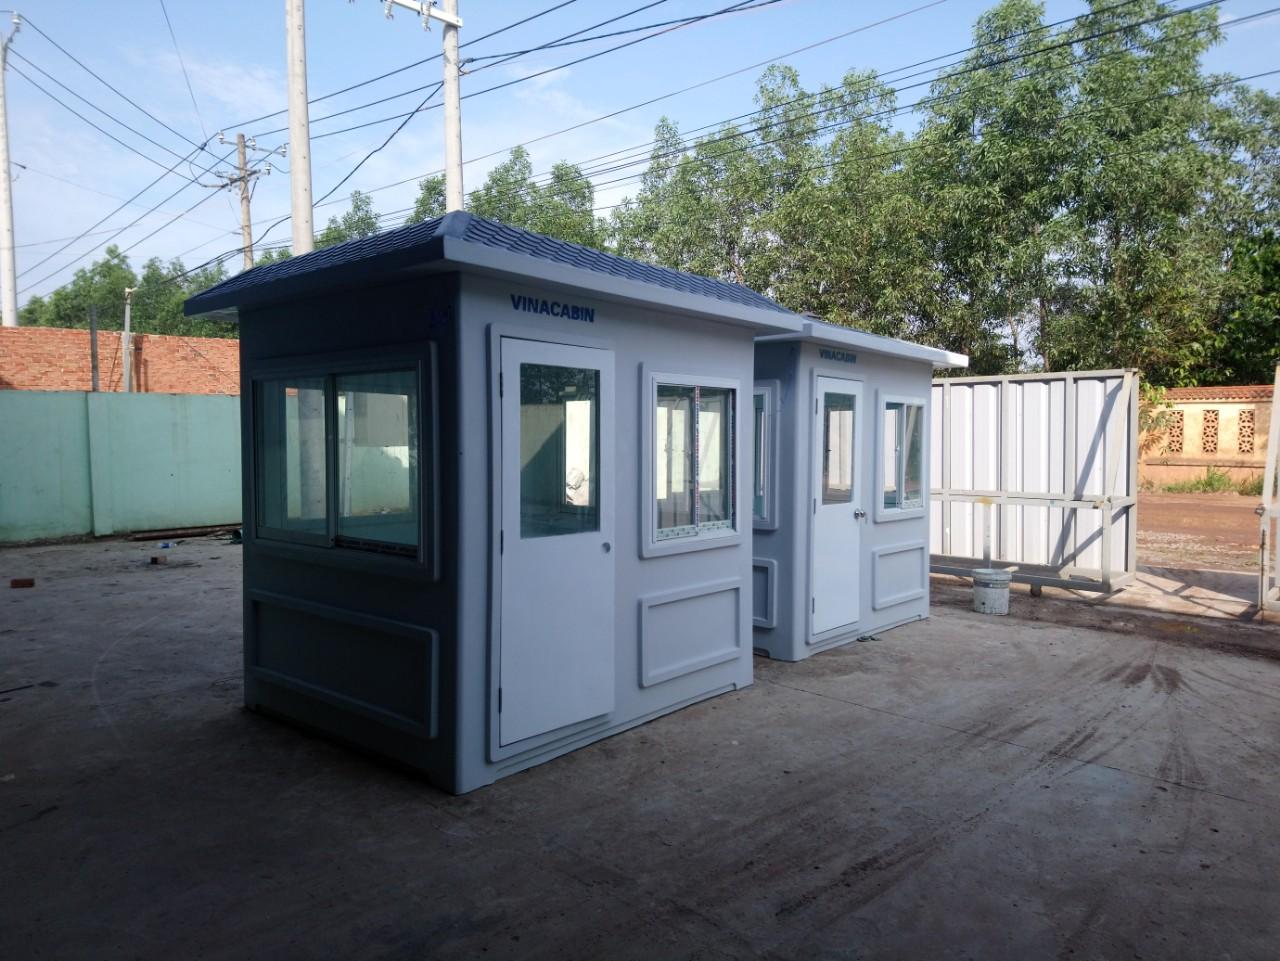 Cabin bảo vệ kích thước thân 1,9m x 2,15m phủ bì 2,3m x 2,55m